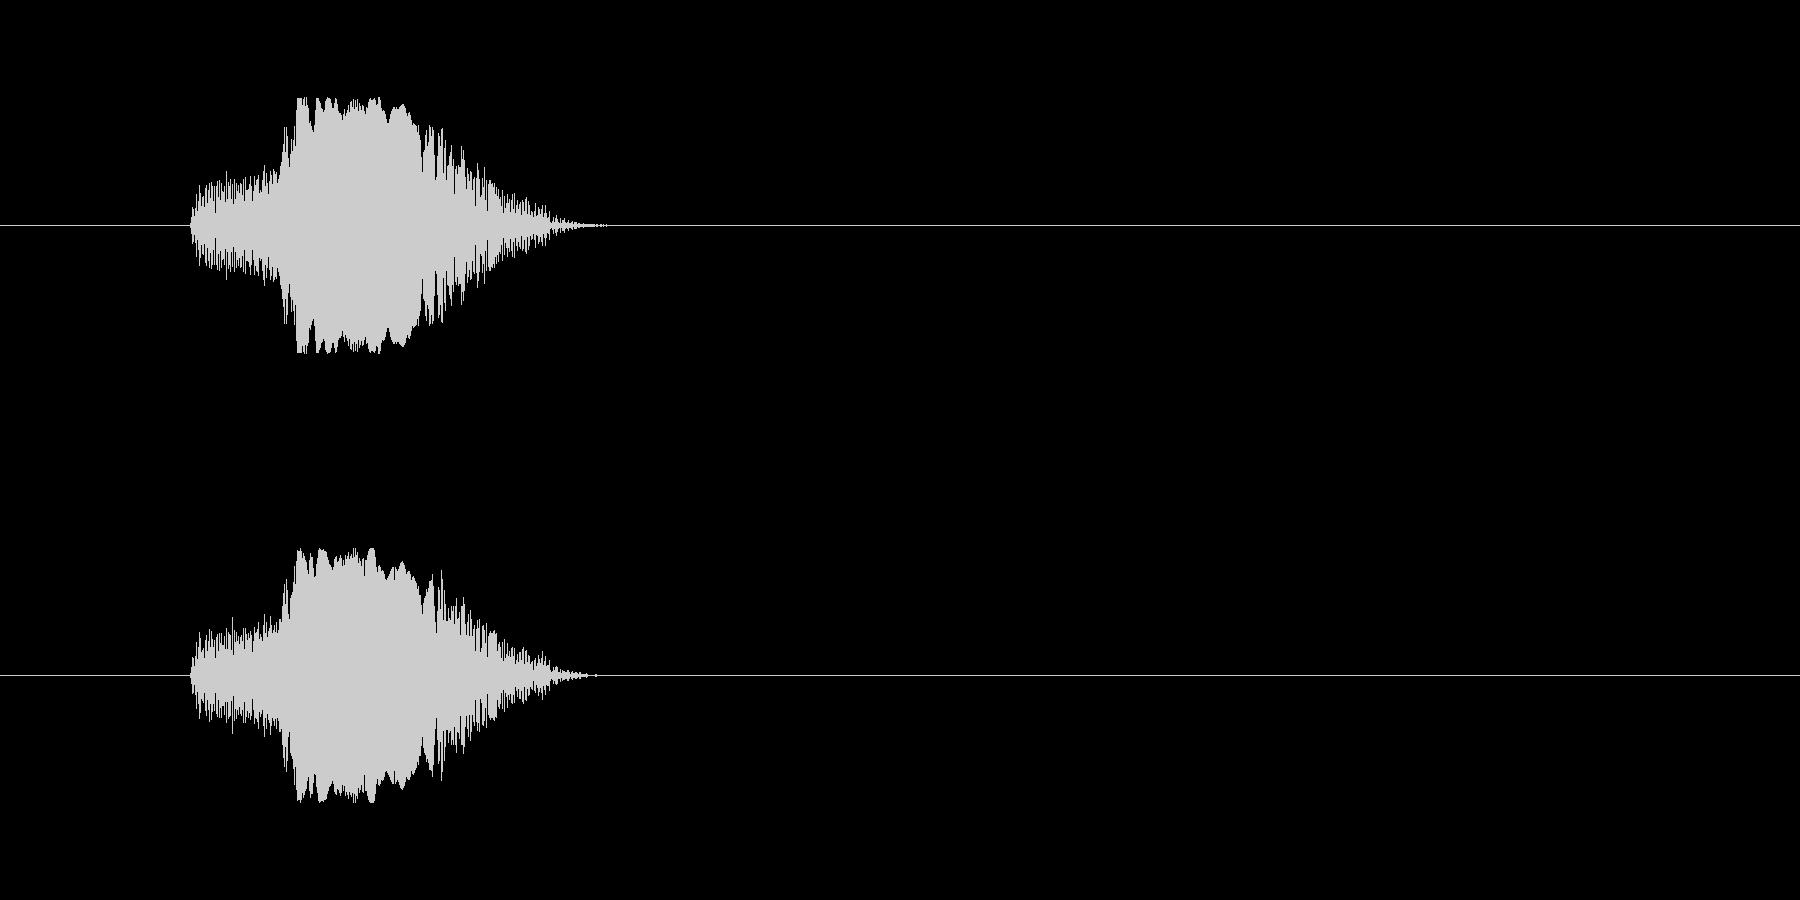 【猫 合成01-1】の未再生の波形